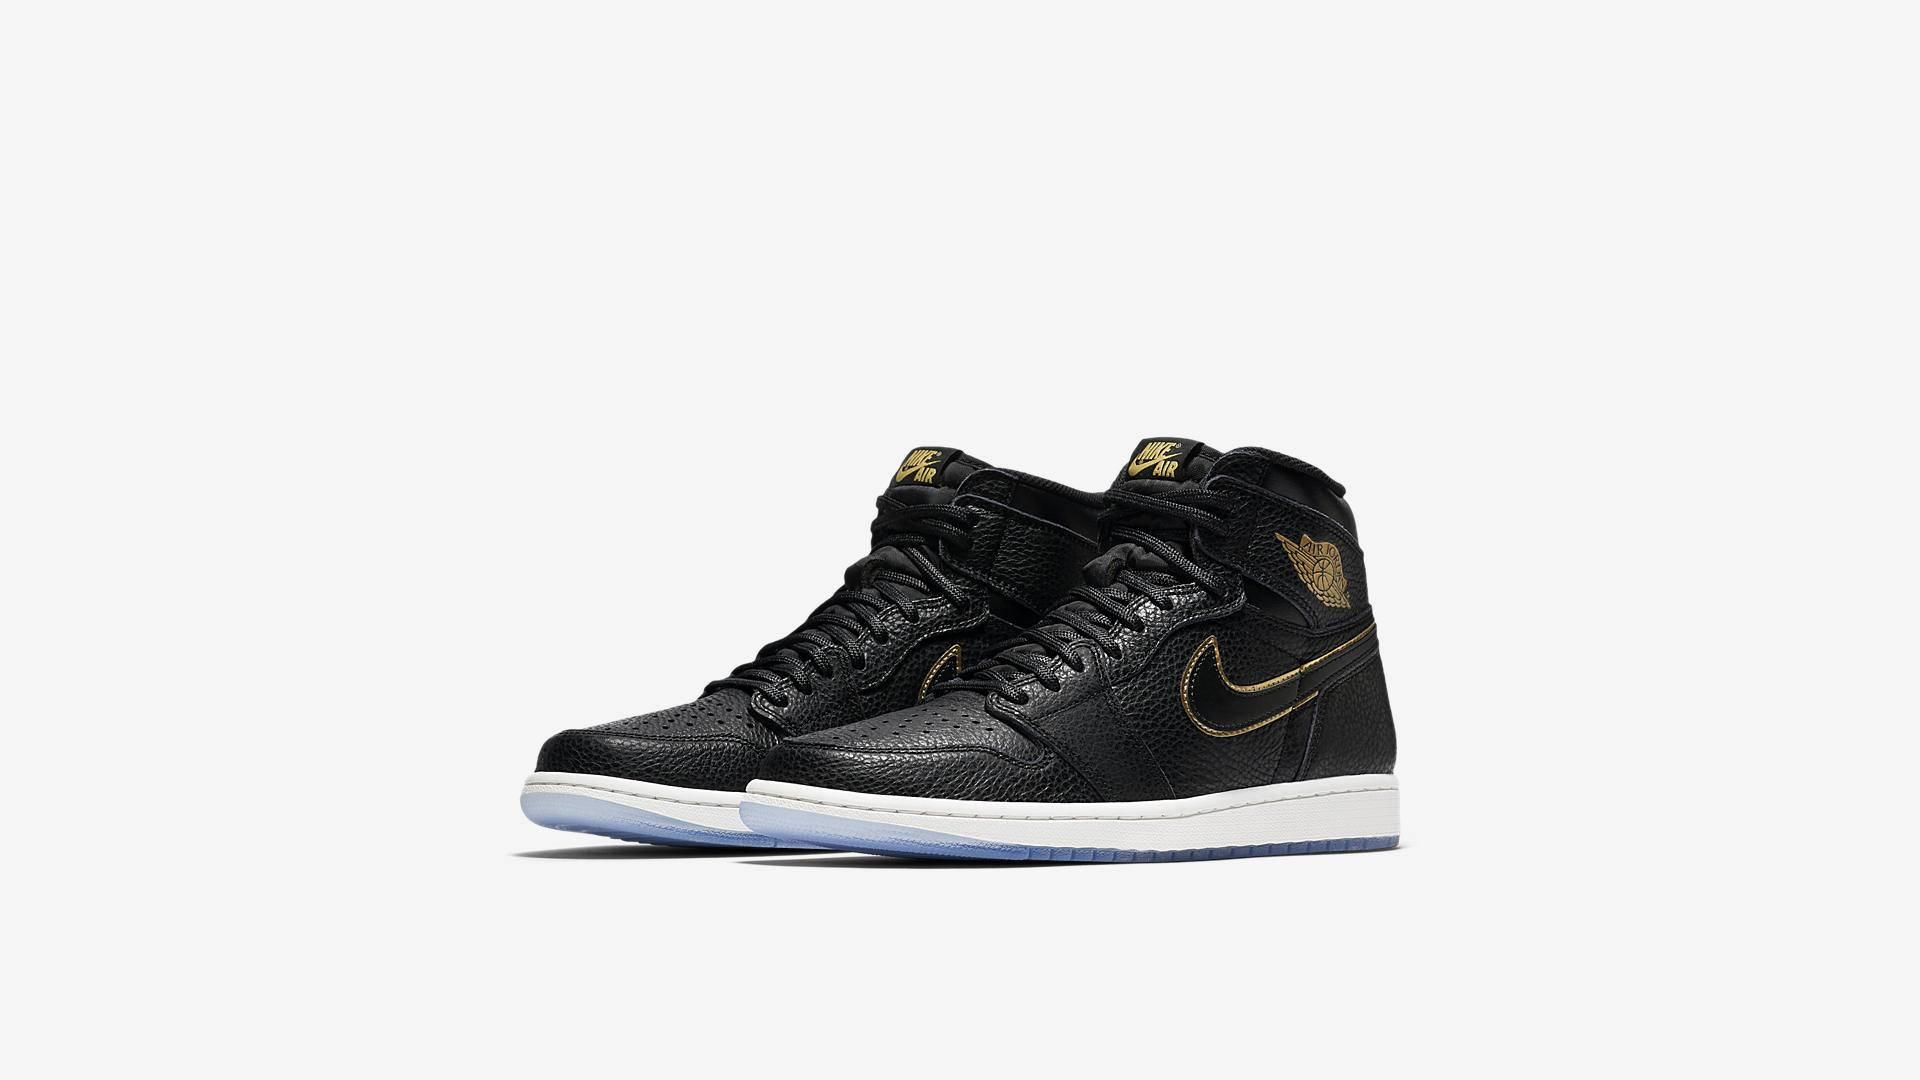 6b5473d4 Air Jordan 1 Retro High OG - кроссовки Nike, баскетбольная модель в ...